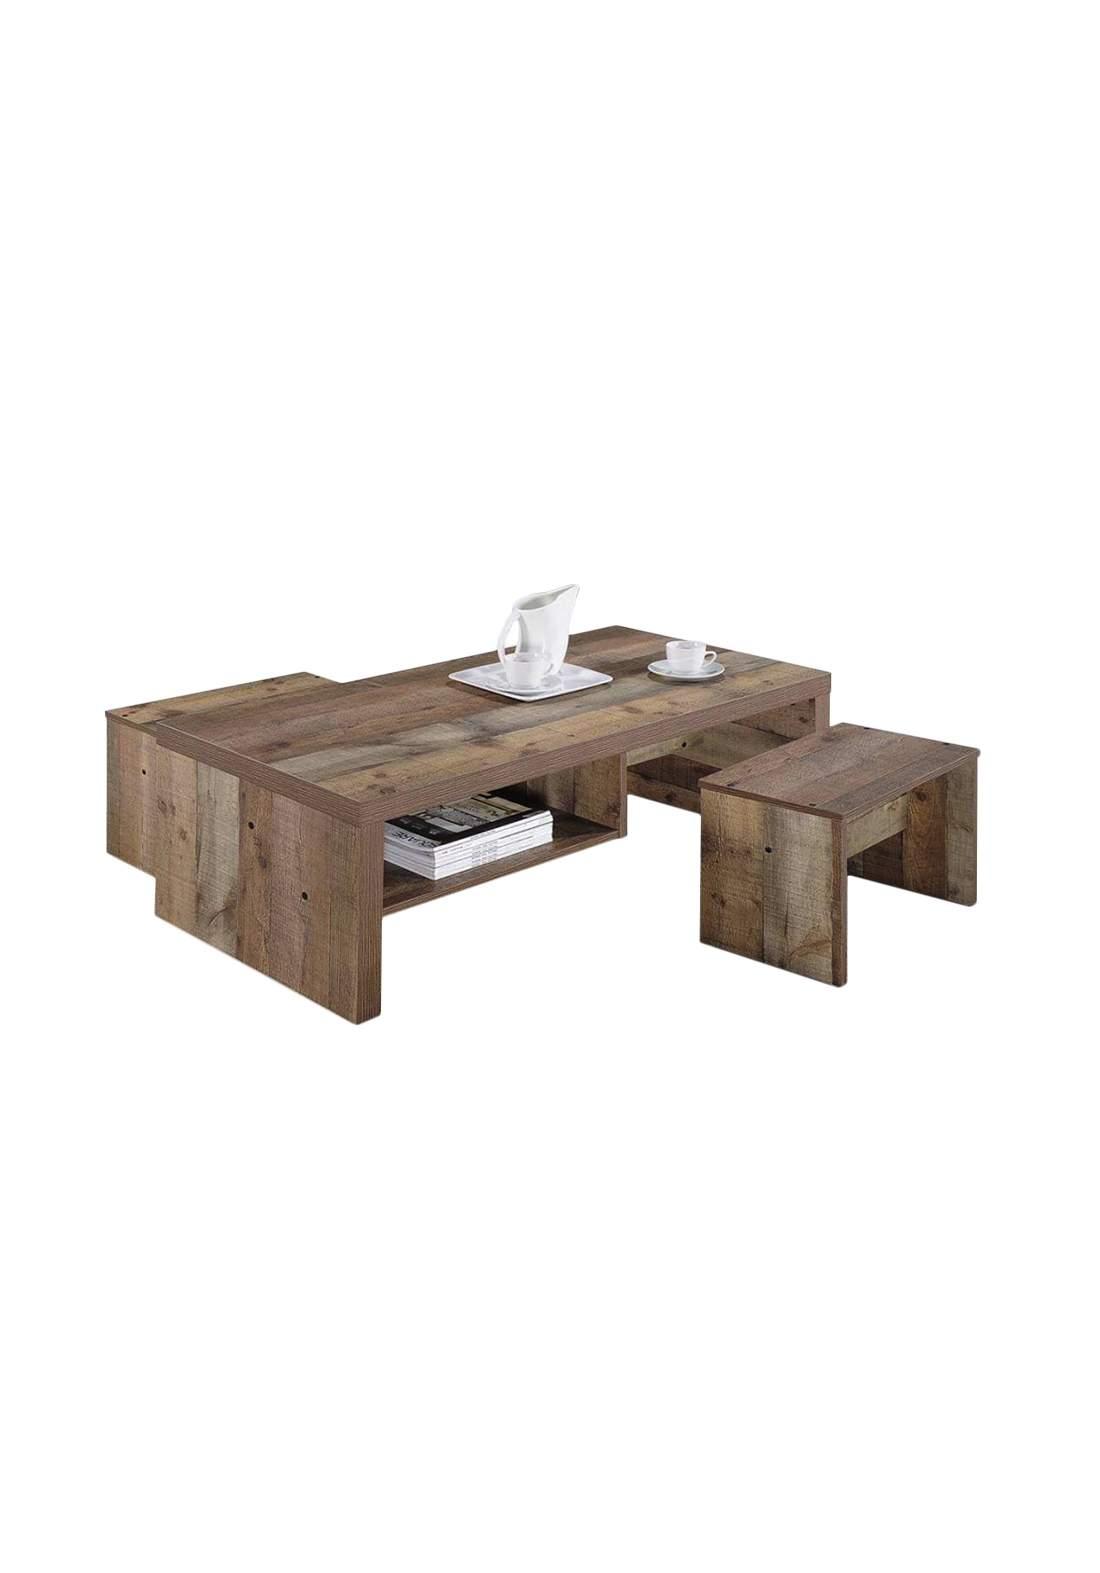 سيت طاولات وسطية natad 21